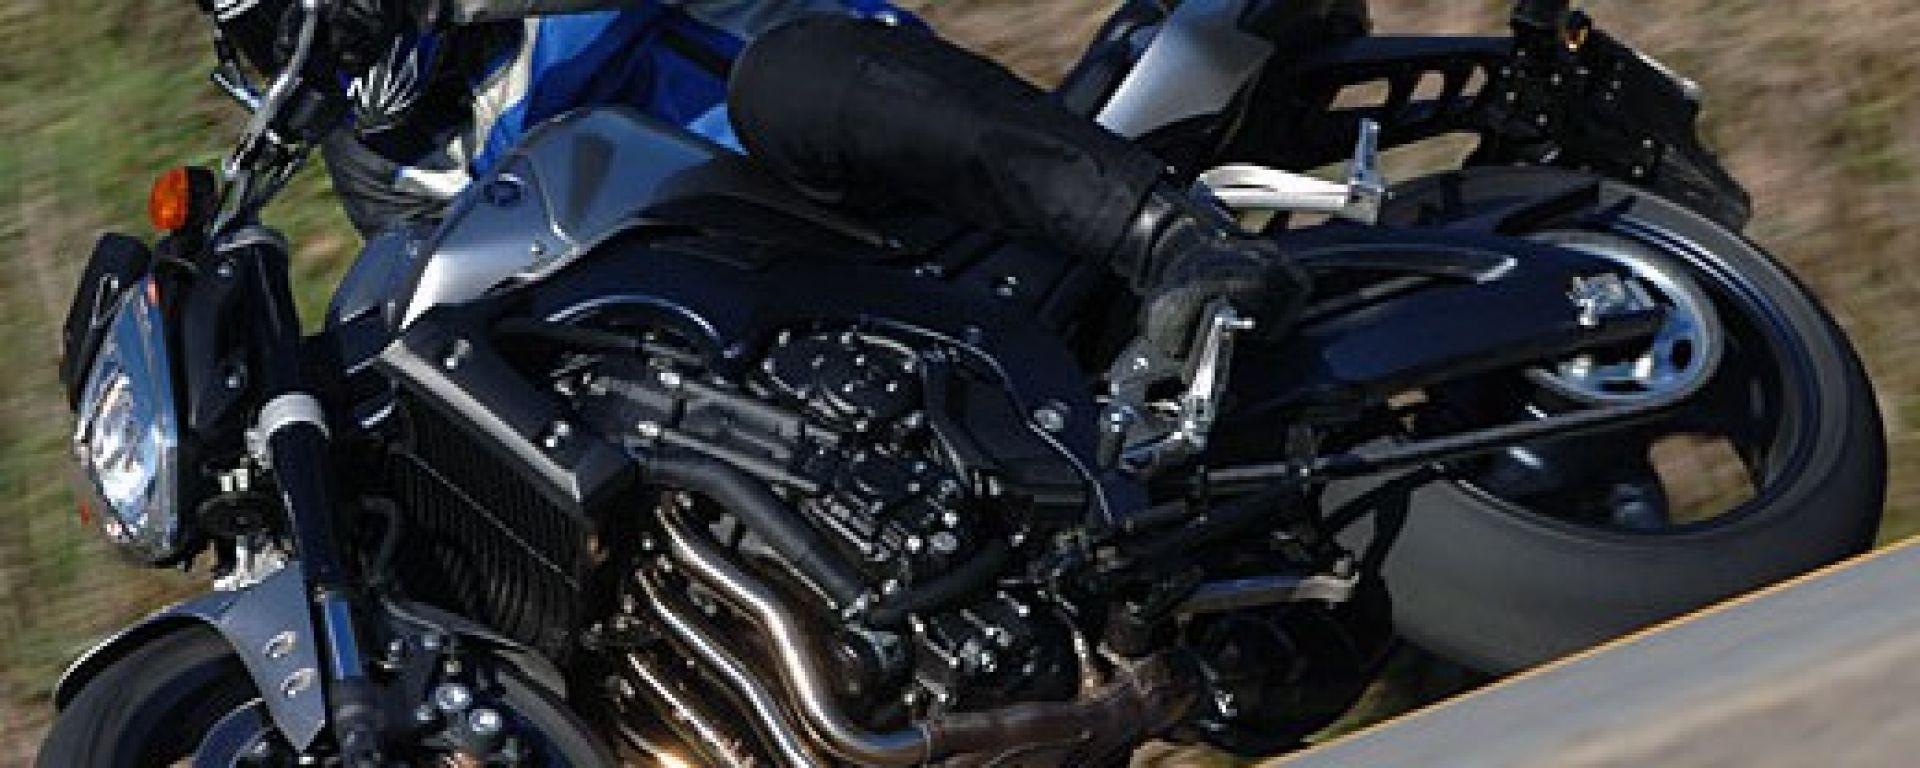 Yamaha FZ1 & Yamaha Fazer